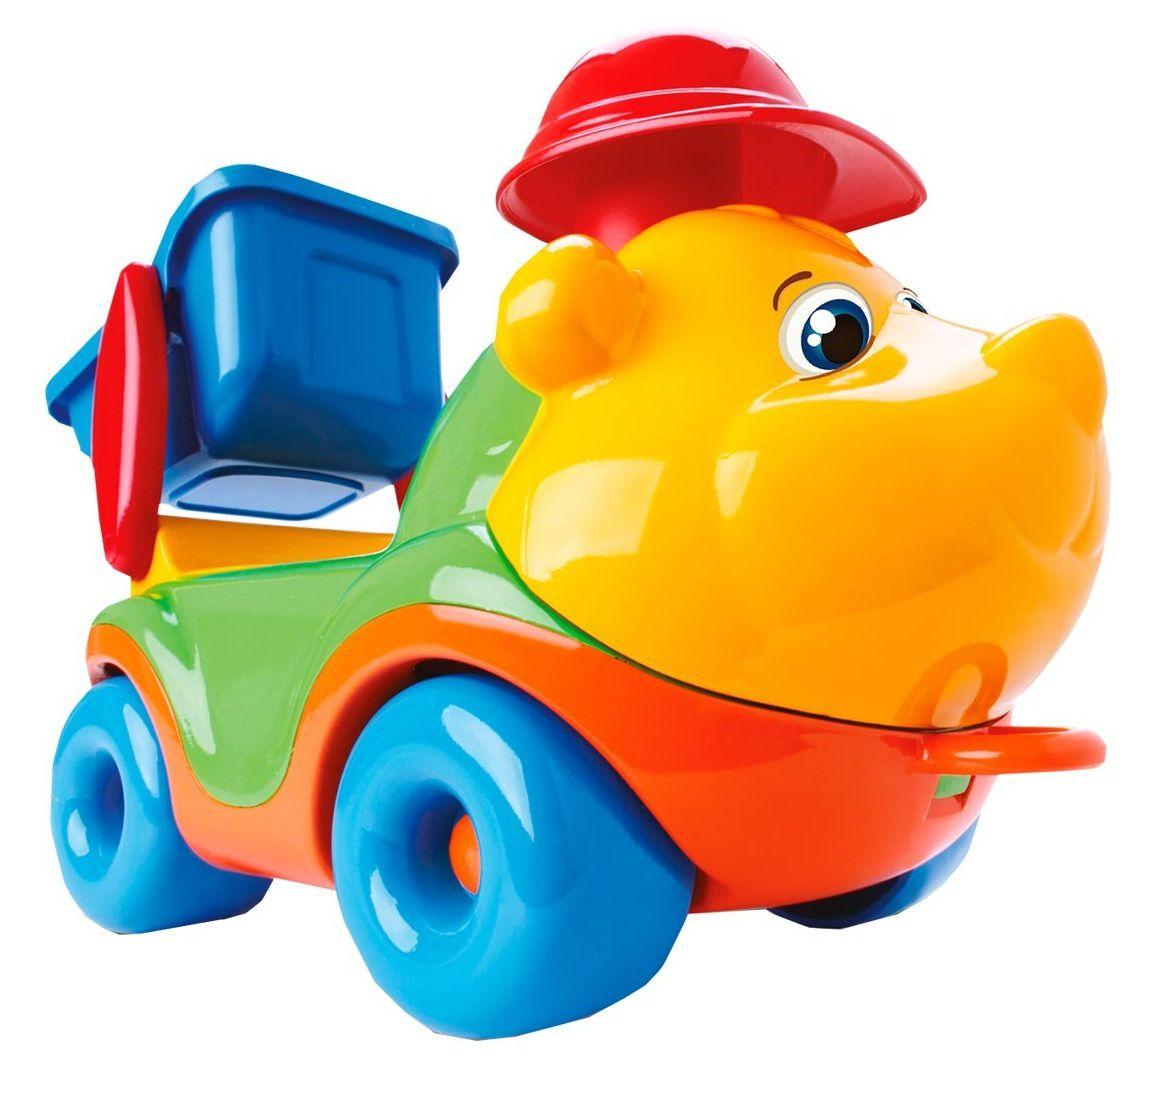 Caminhão Diver For Baby Construção - Diver Toys